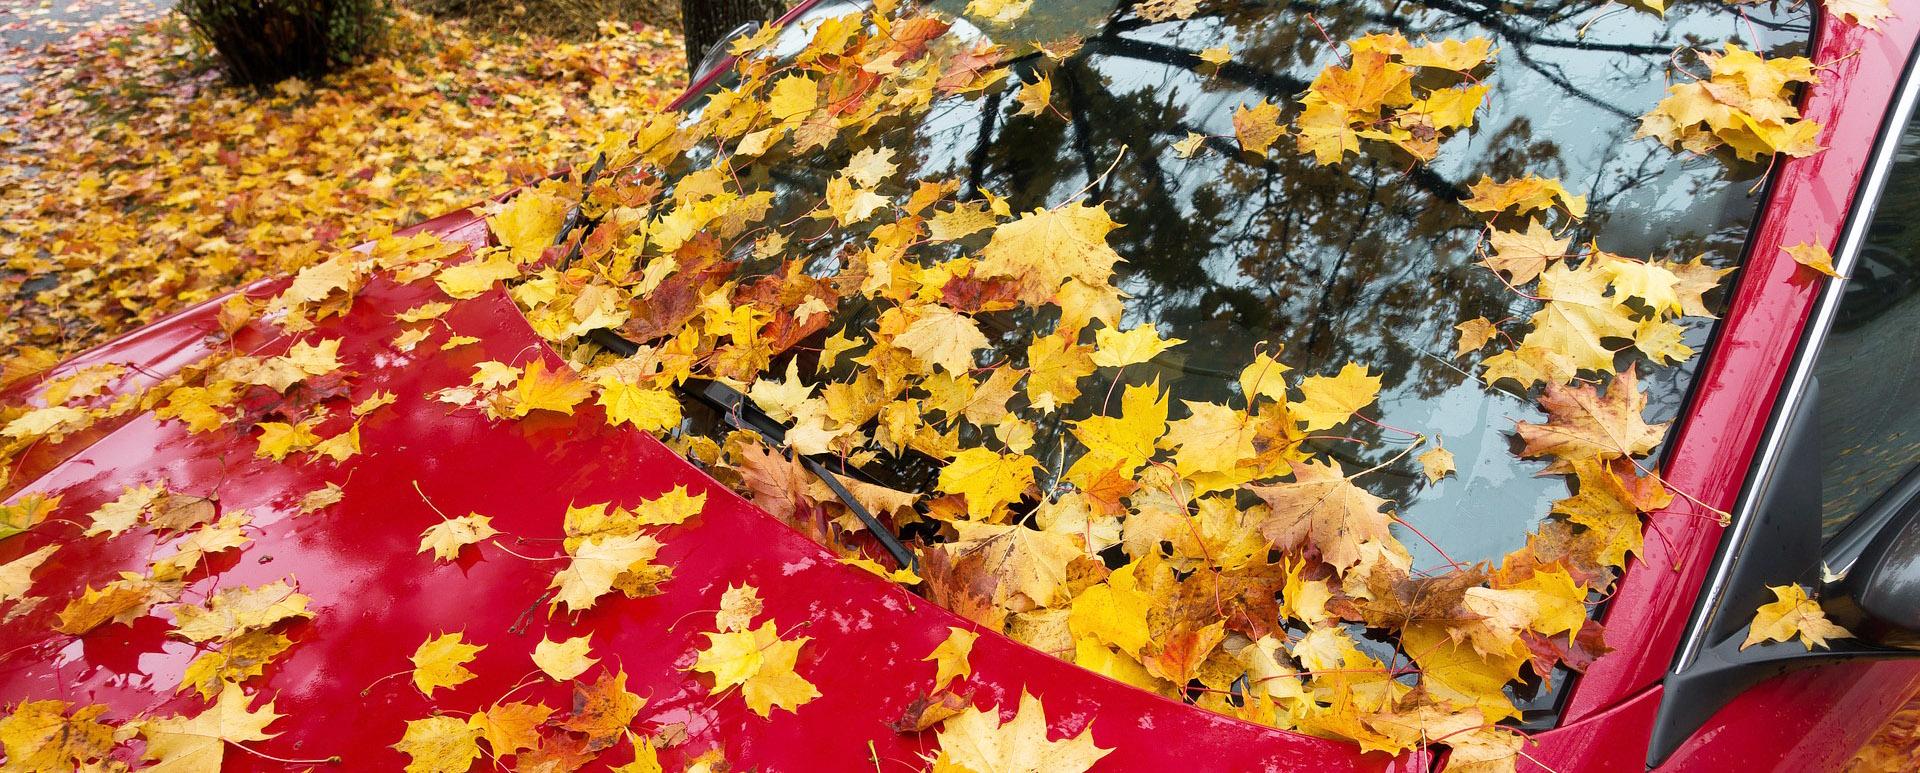 Jäckels Waschpark Rheinland: Autowäsche im Herbst und Winter